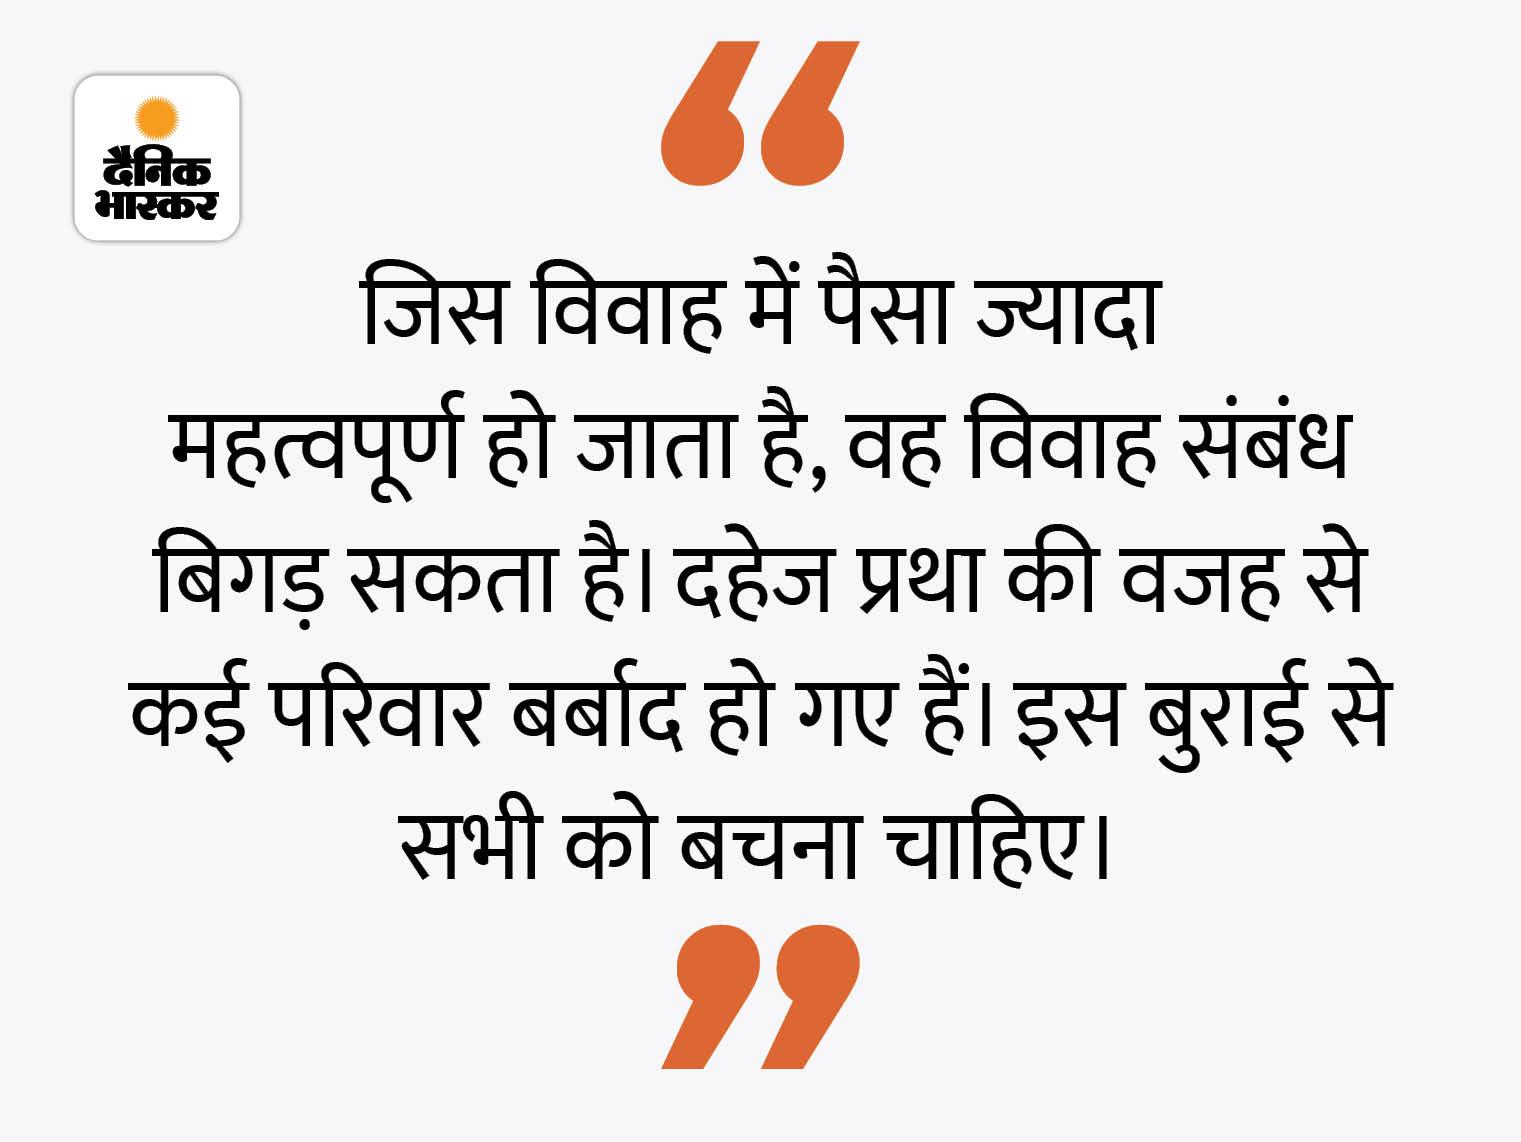 विवाह में दहेज का लेन-देन नहीं करना चाहिए, लड़का और लड़की दोनों ही अमूल्य होते हैं|धर्म,Dharm - Dainik Bhaskar